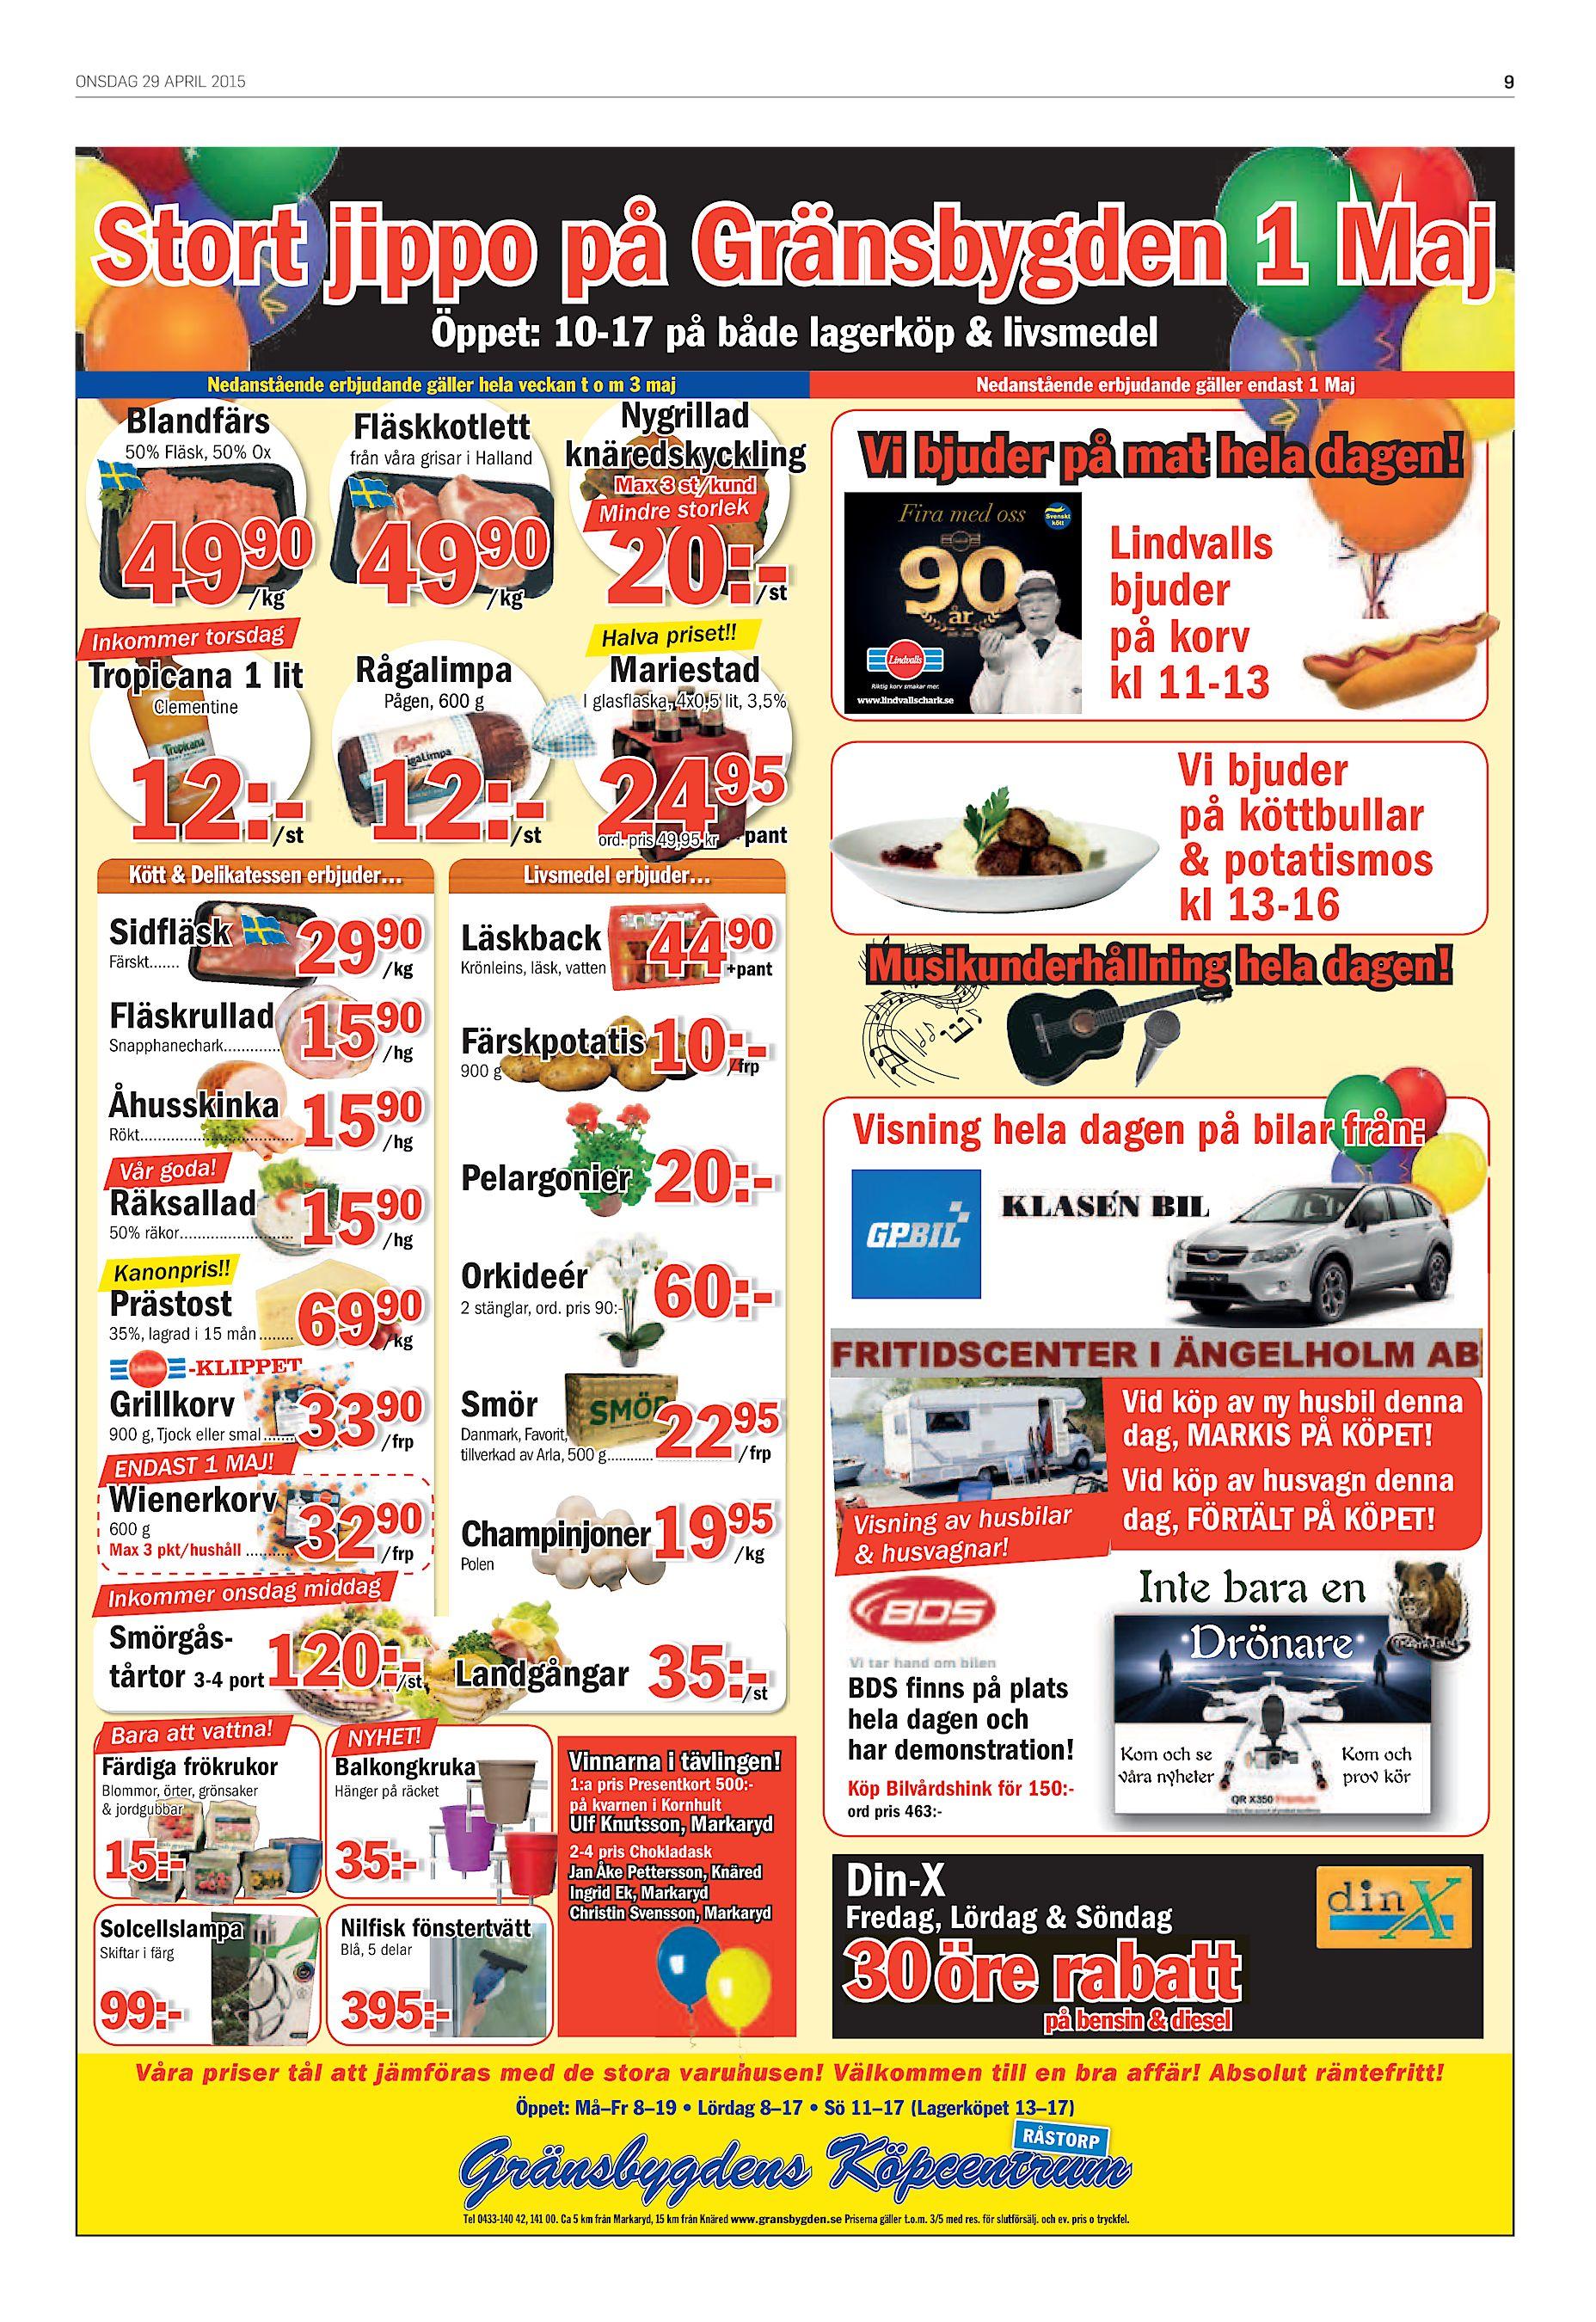 ONSDAG 29 APRIL 2015 9 Stort jippo på Gränsbygden 1 Maj Öppet  10-17 på  både lagerköp   livsmedel Nedanstående erbjudande gäller hela veckan t o m  3 maj ... 1dd593dc413ff